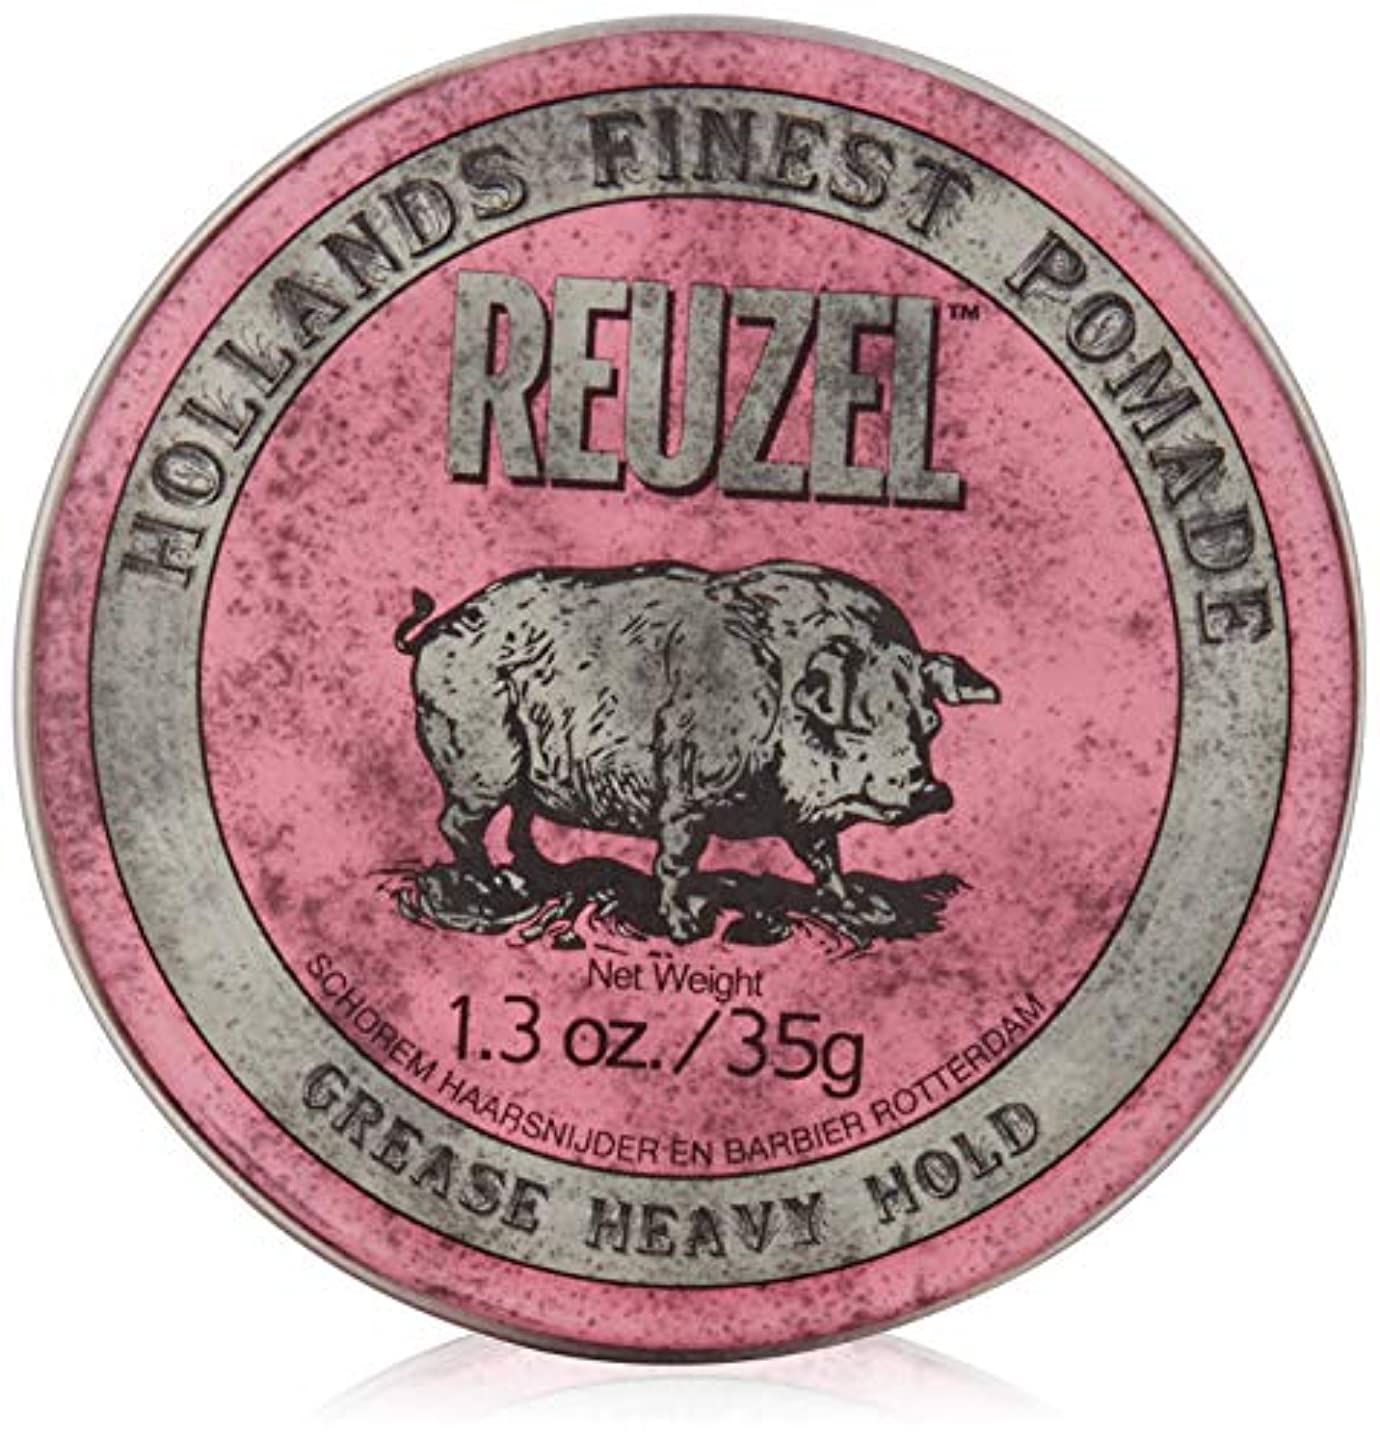 爪リズミカルな戦争REUZEL INC Reuzelミディアムシーンポマード、1.3オンス 0.2 ピンク